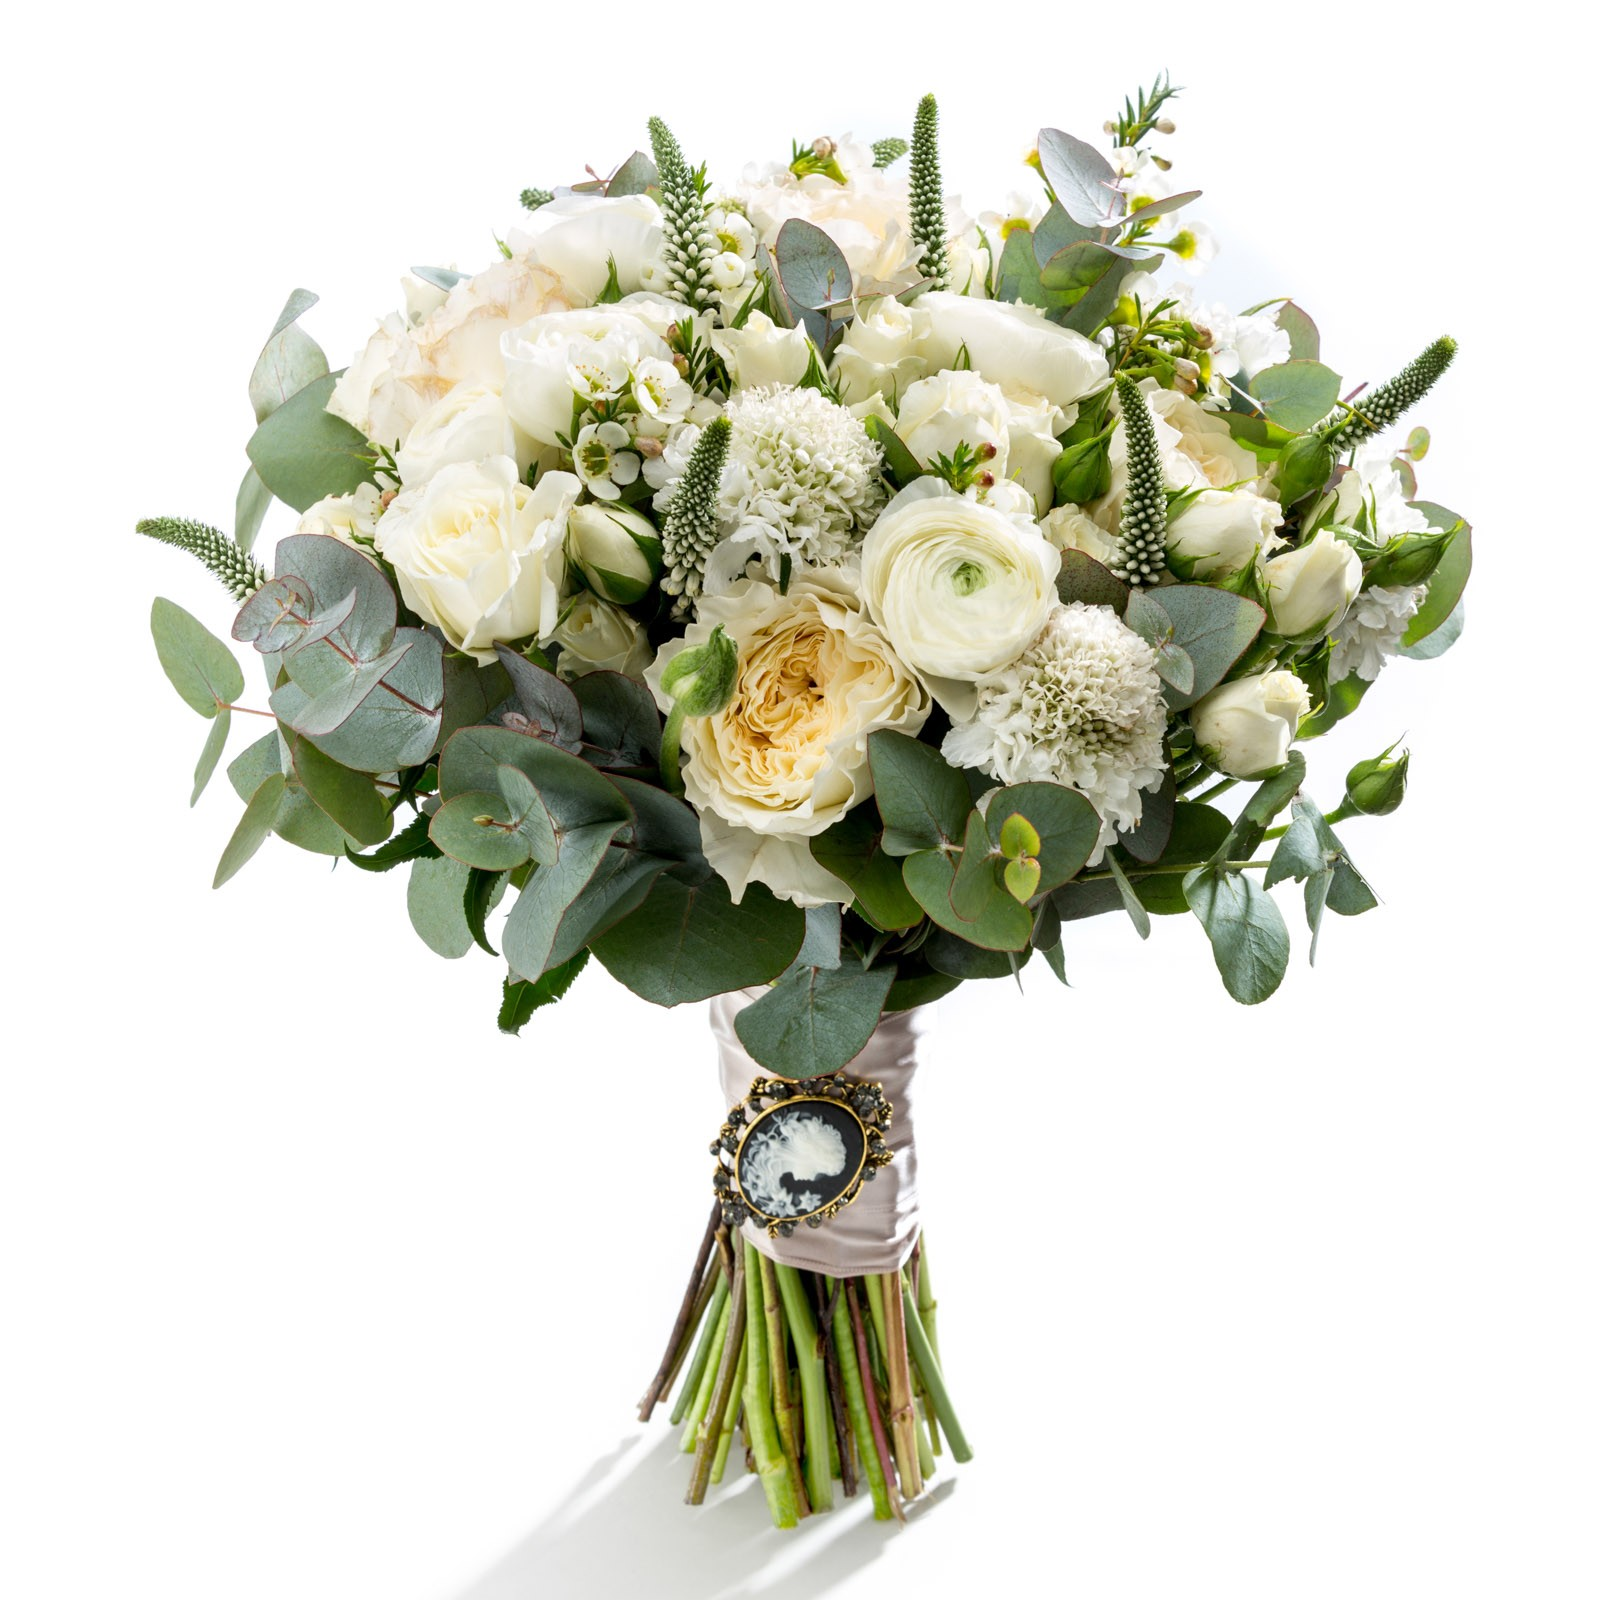 Alege Un Buchet De Mireasa Realizat Din Cele Mai Populare Flori Si